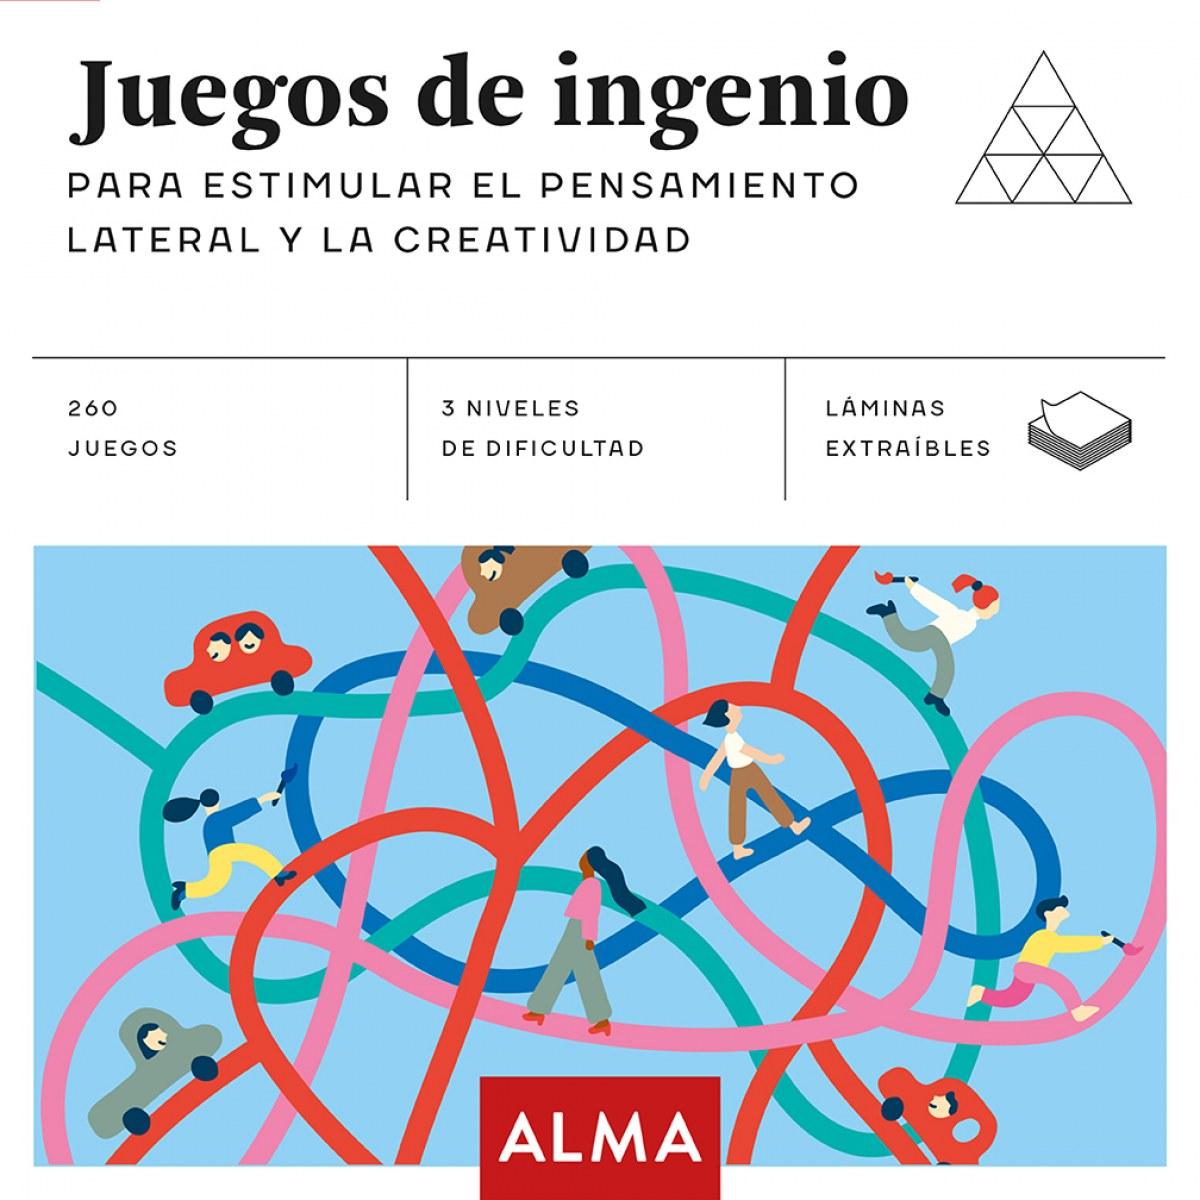 JUEGOS DE INGENIO ESTIMULAR PENSAMIENTO LATERAL CREATIVIDAD 9788417430405